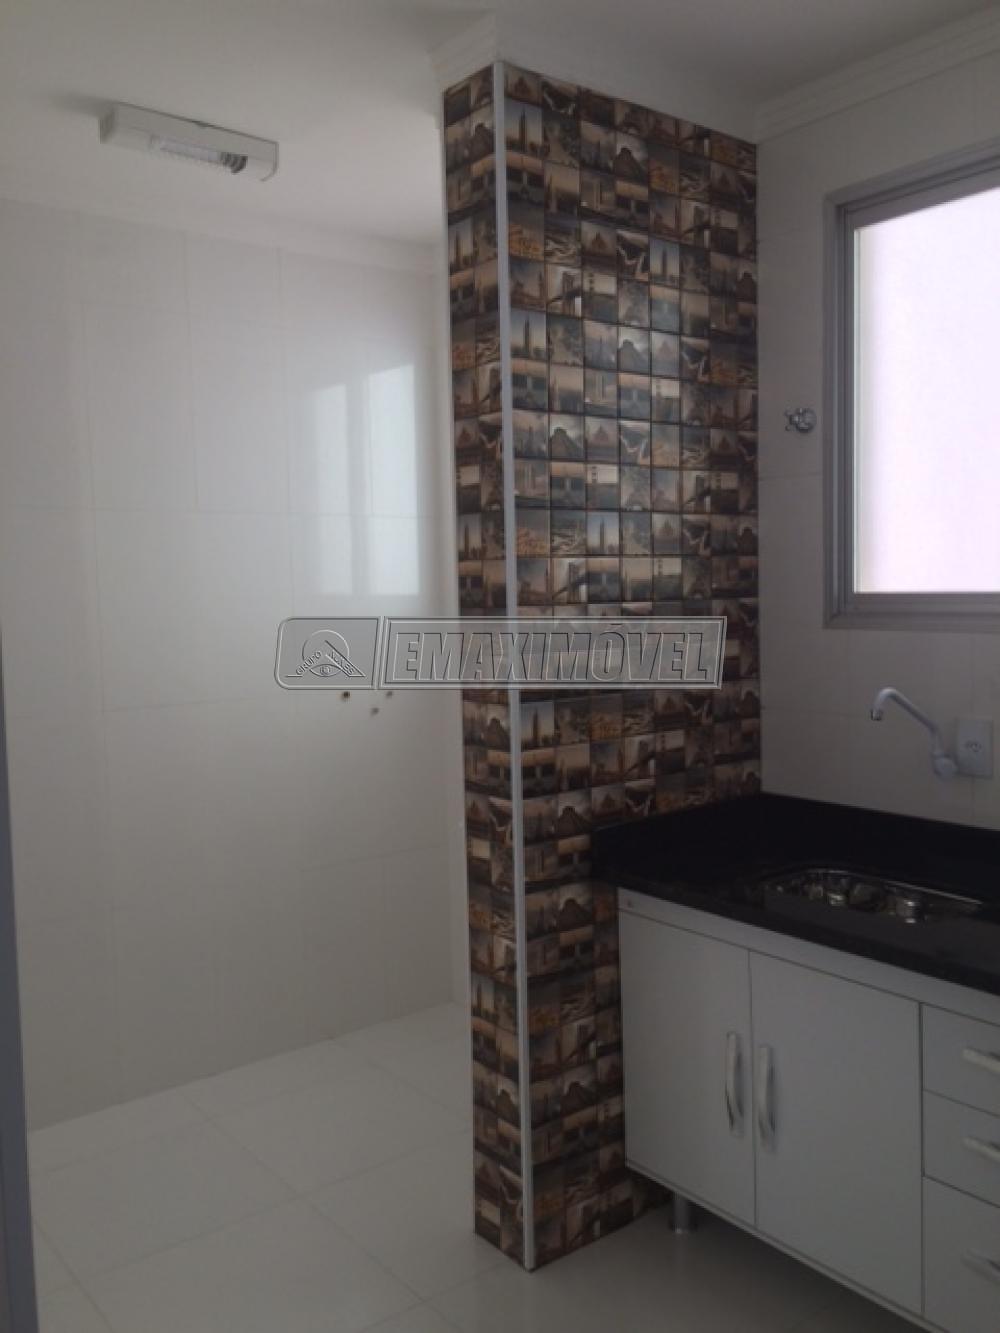 Alugar Apartamentos / Apto Padrão em Votorantim apenas R$ 850,00 - Foto 6